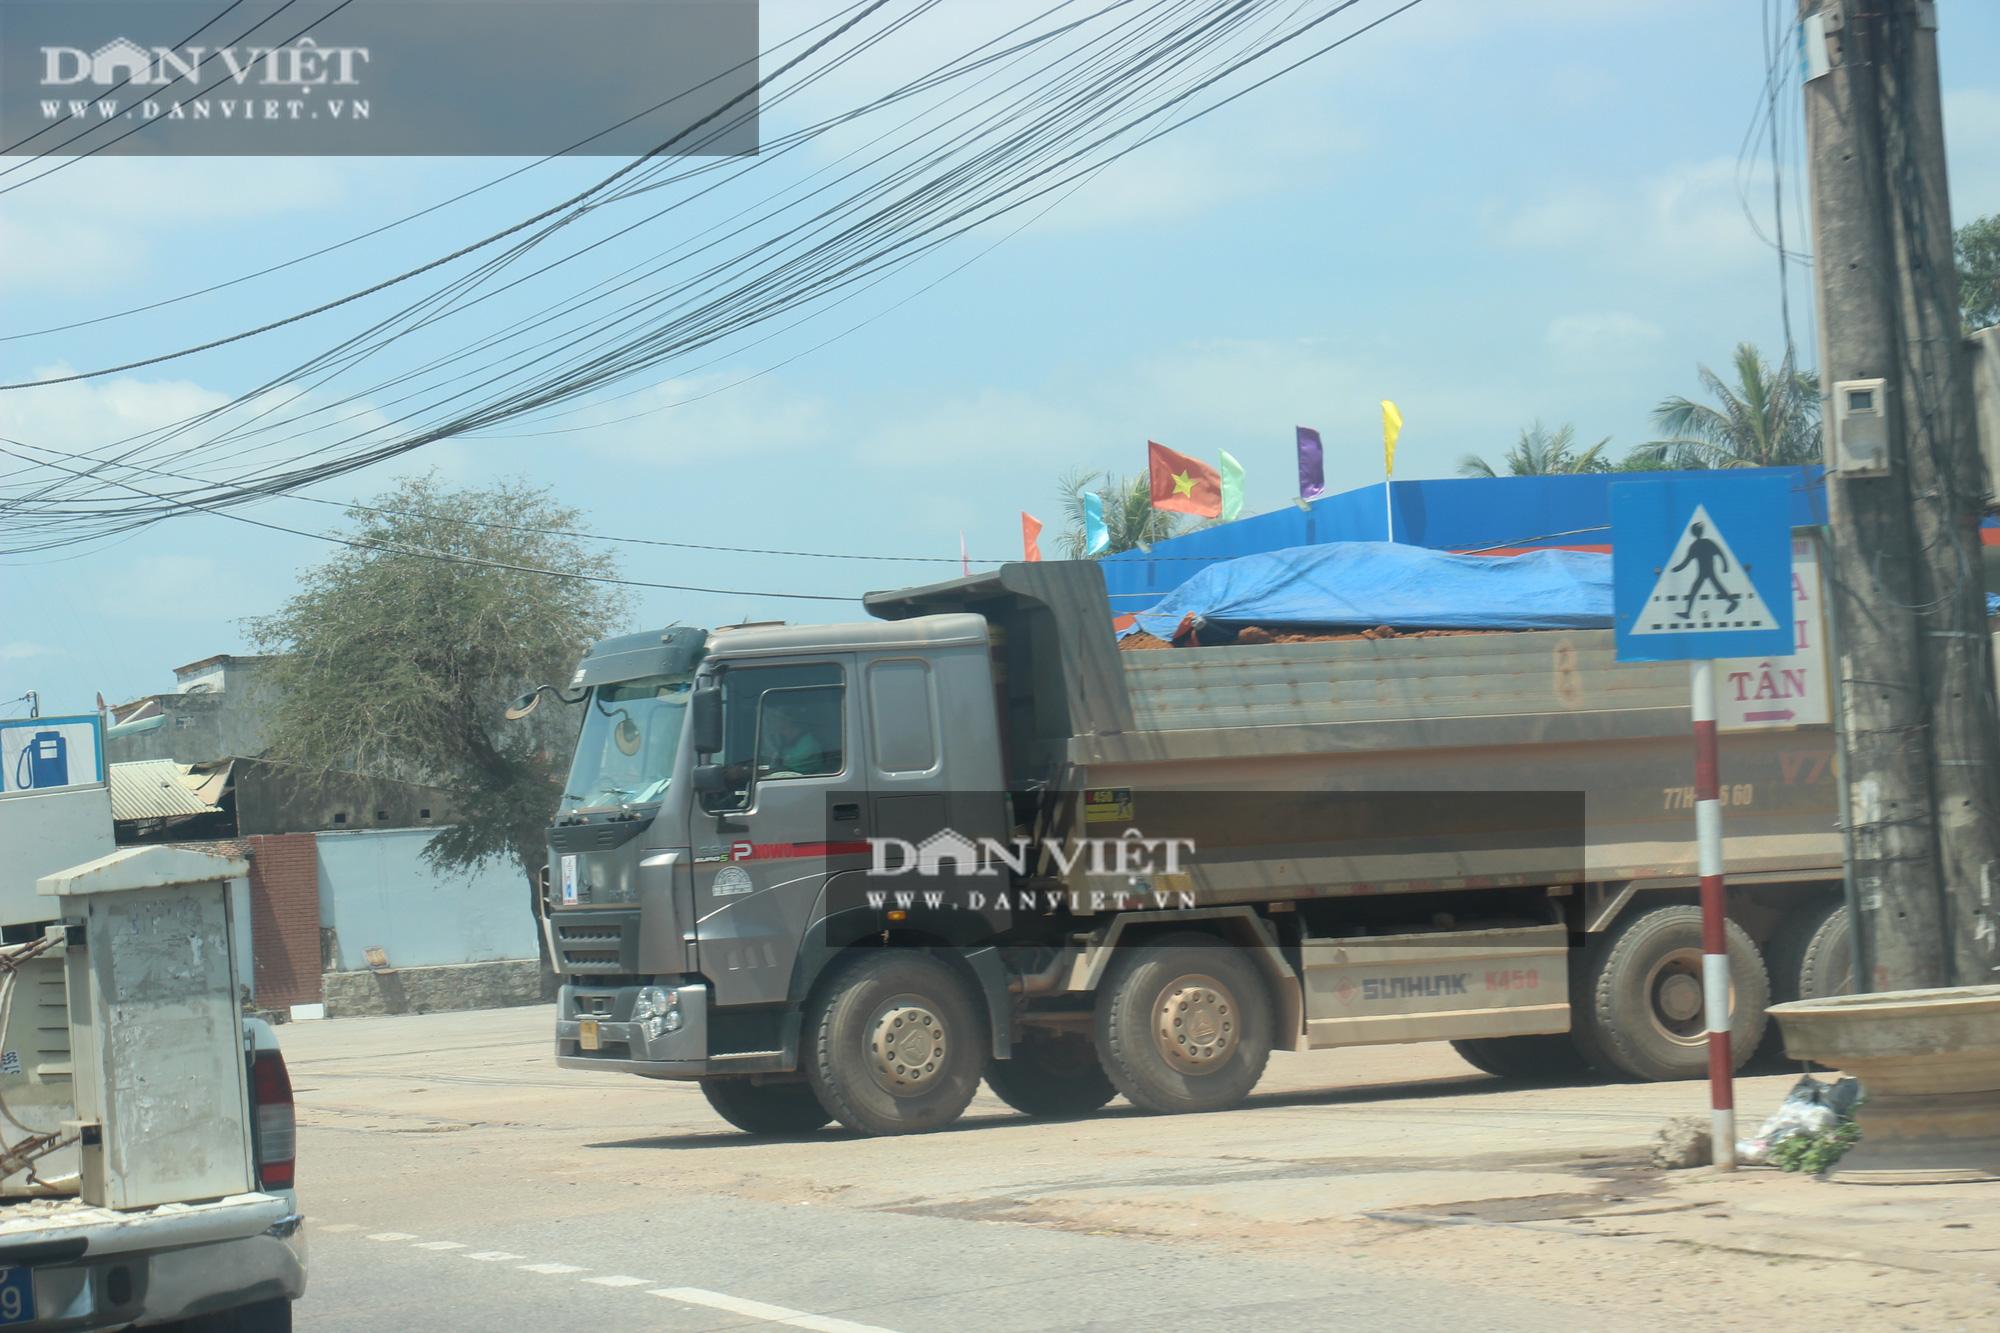 """Đoàn xe hổ vồ logo Bá Sanh Đường """"tung hoành"""" ở Thị xã Hoài Nhơn: Chẳng lẽ """"bó tay""""? - Ảnh 3."""